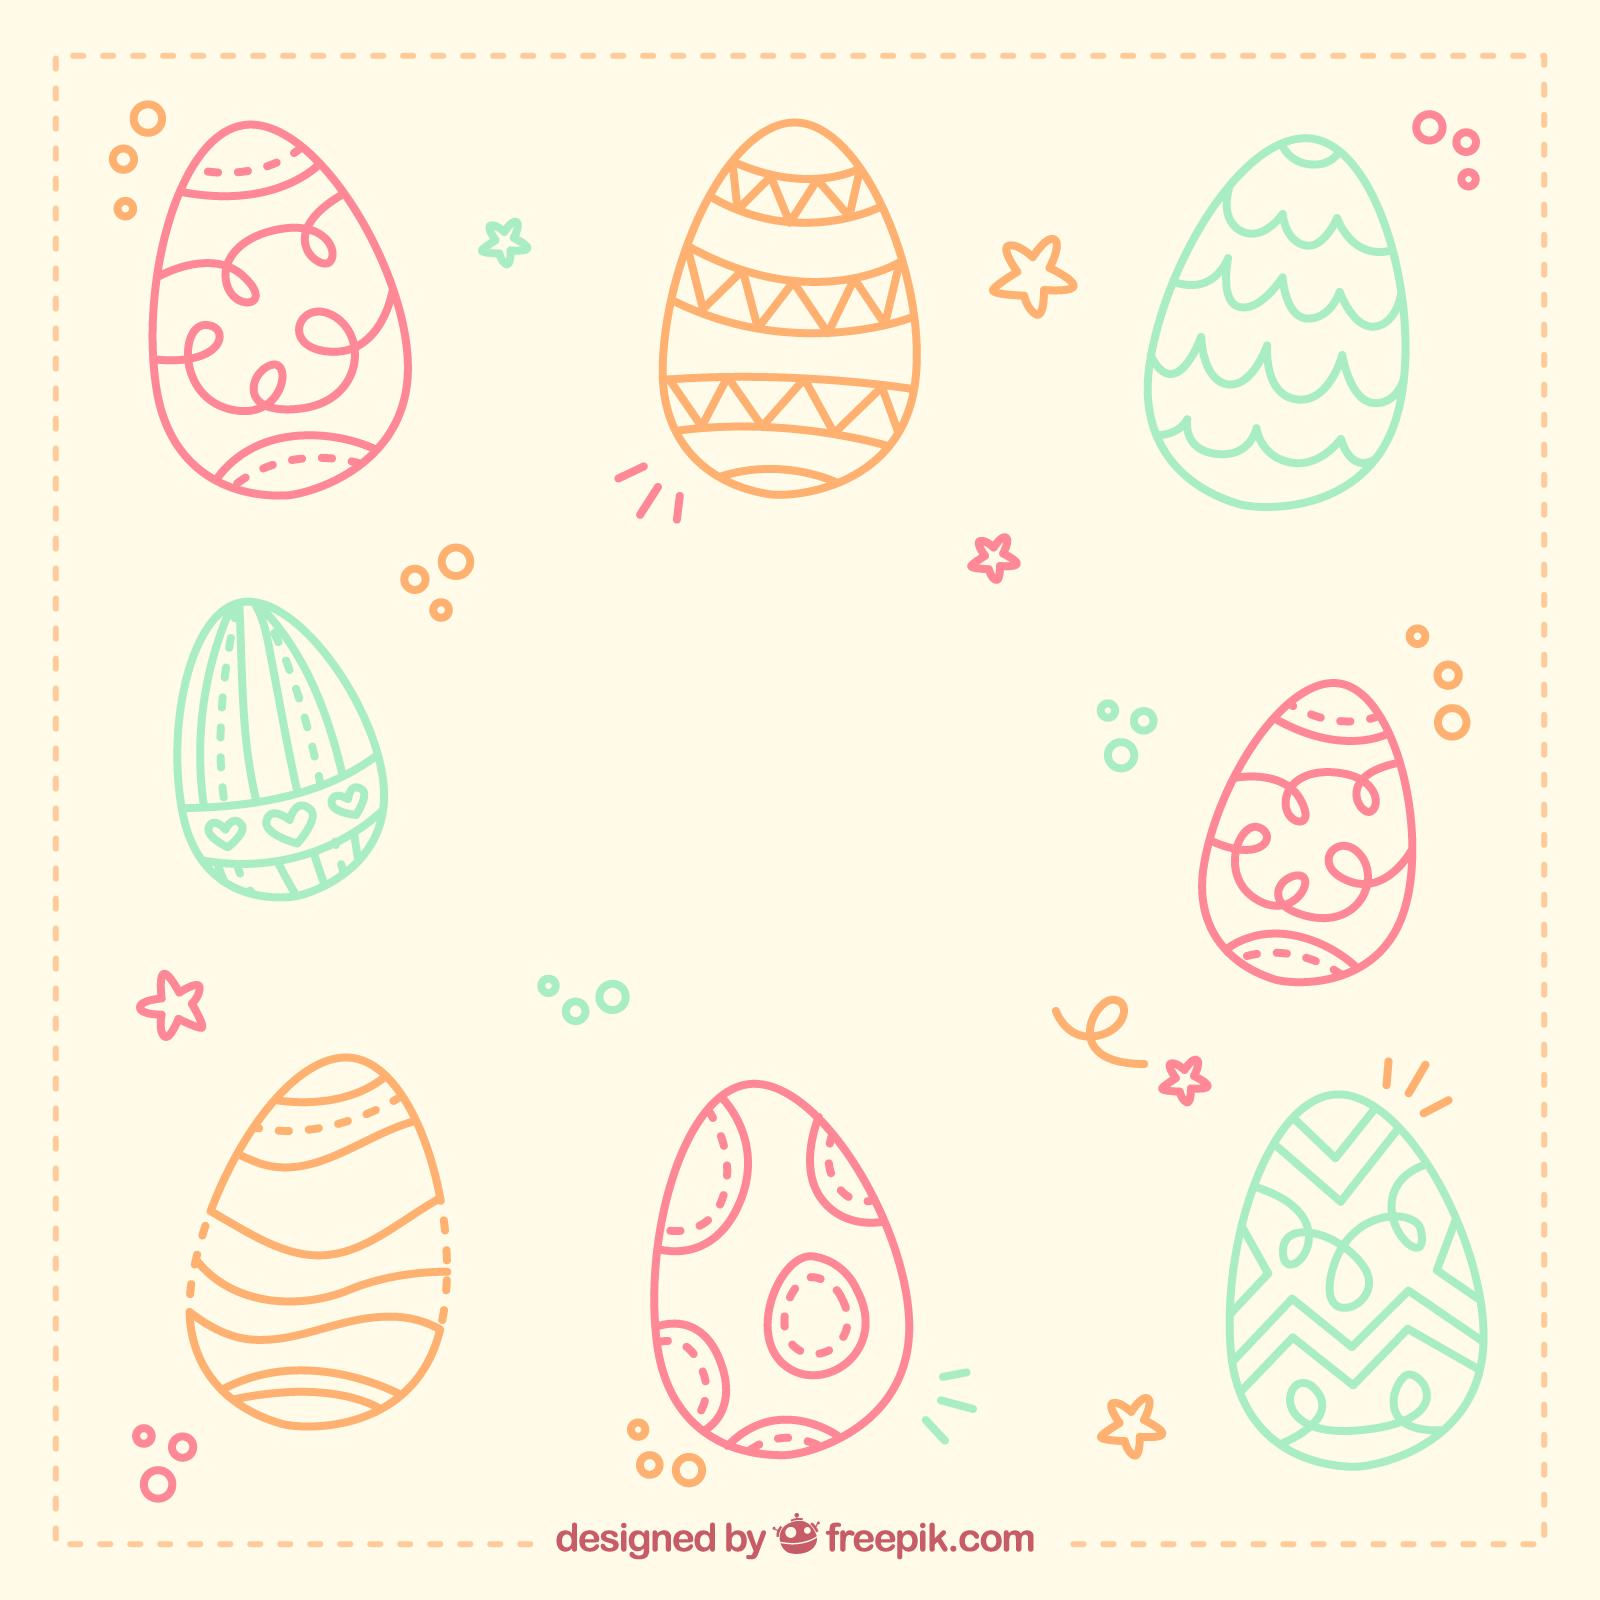 húsvéti kép kézi rajzolású tojásokkal 2